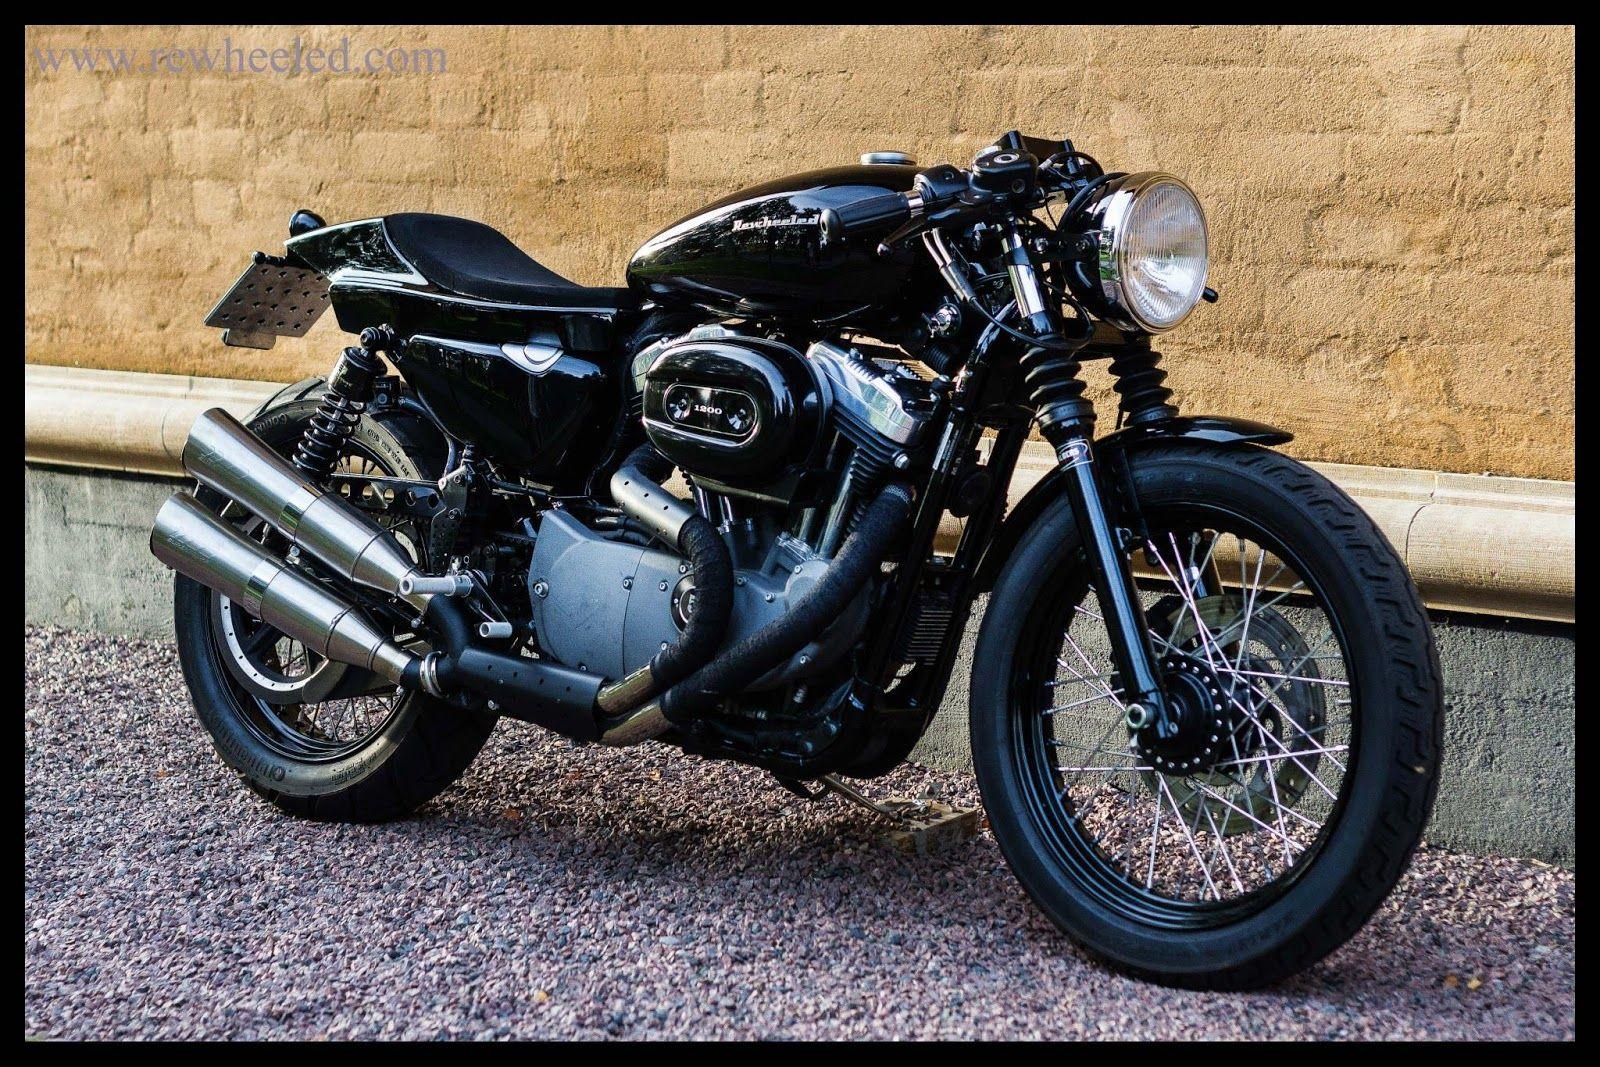 Harley Davidson 750 Cafe Racer